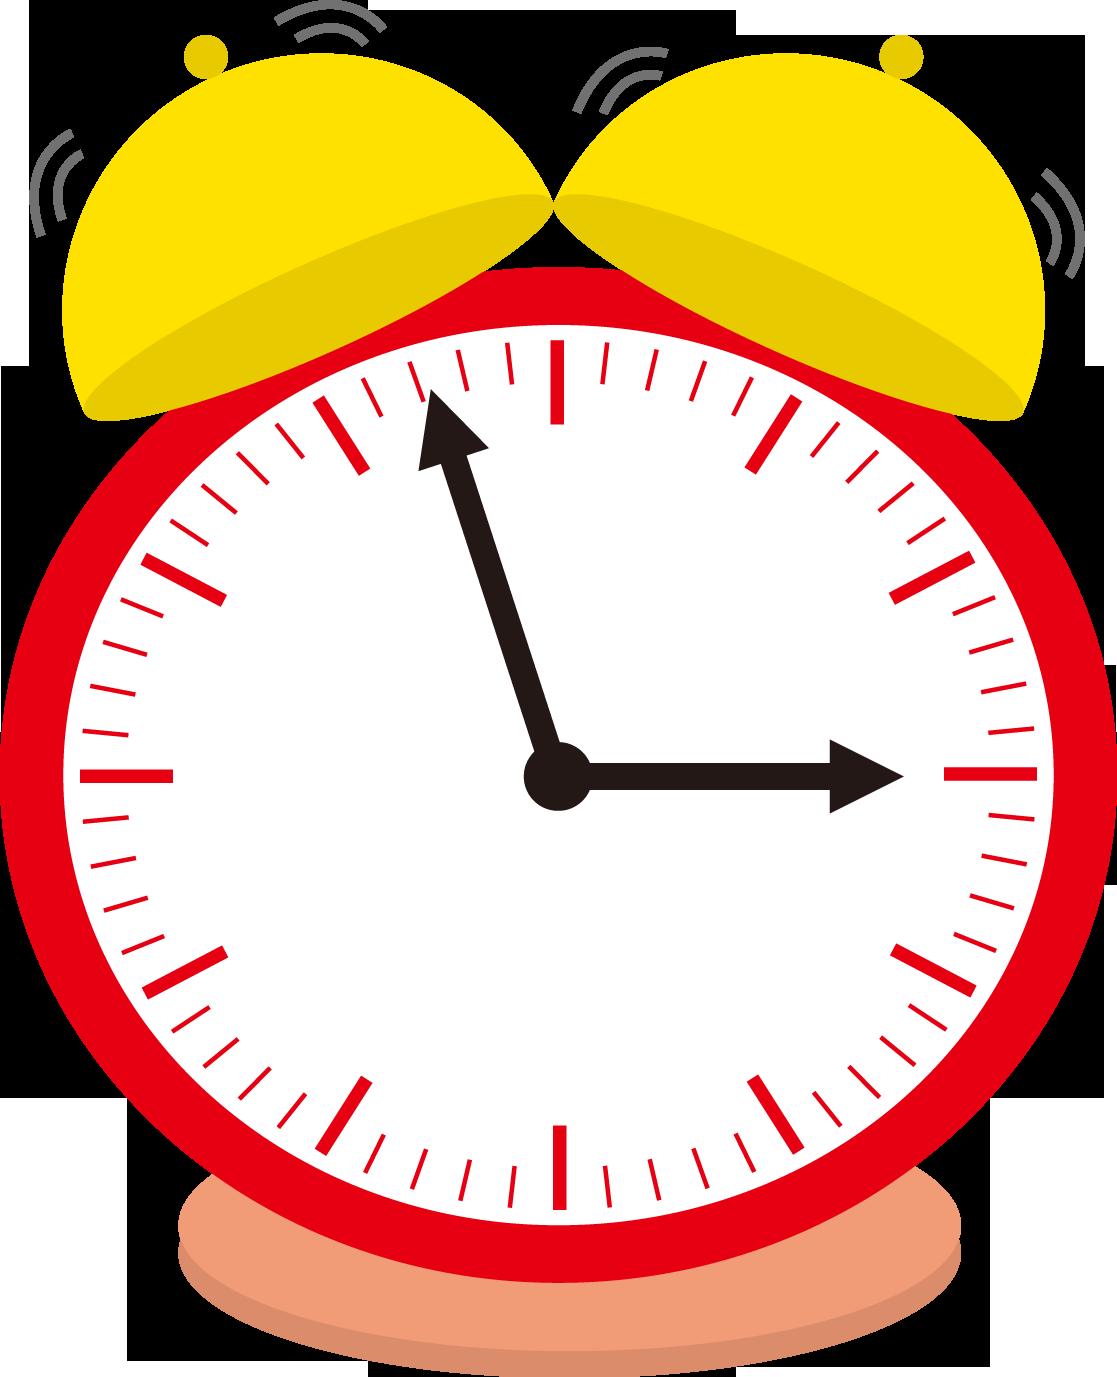 時計のイラスト・フリー素材|ダウンロード02【素材っち】